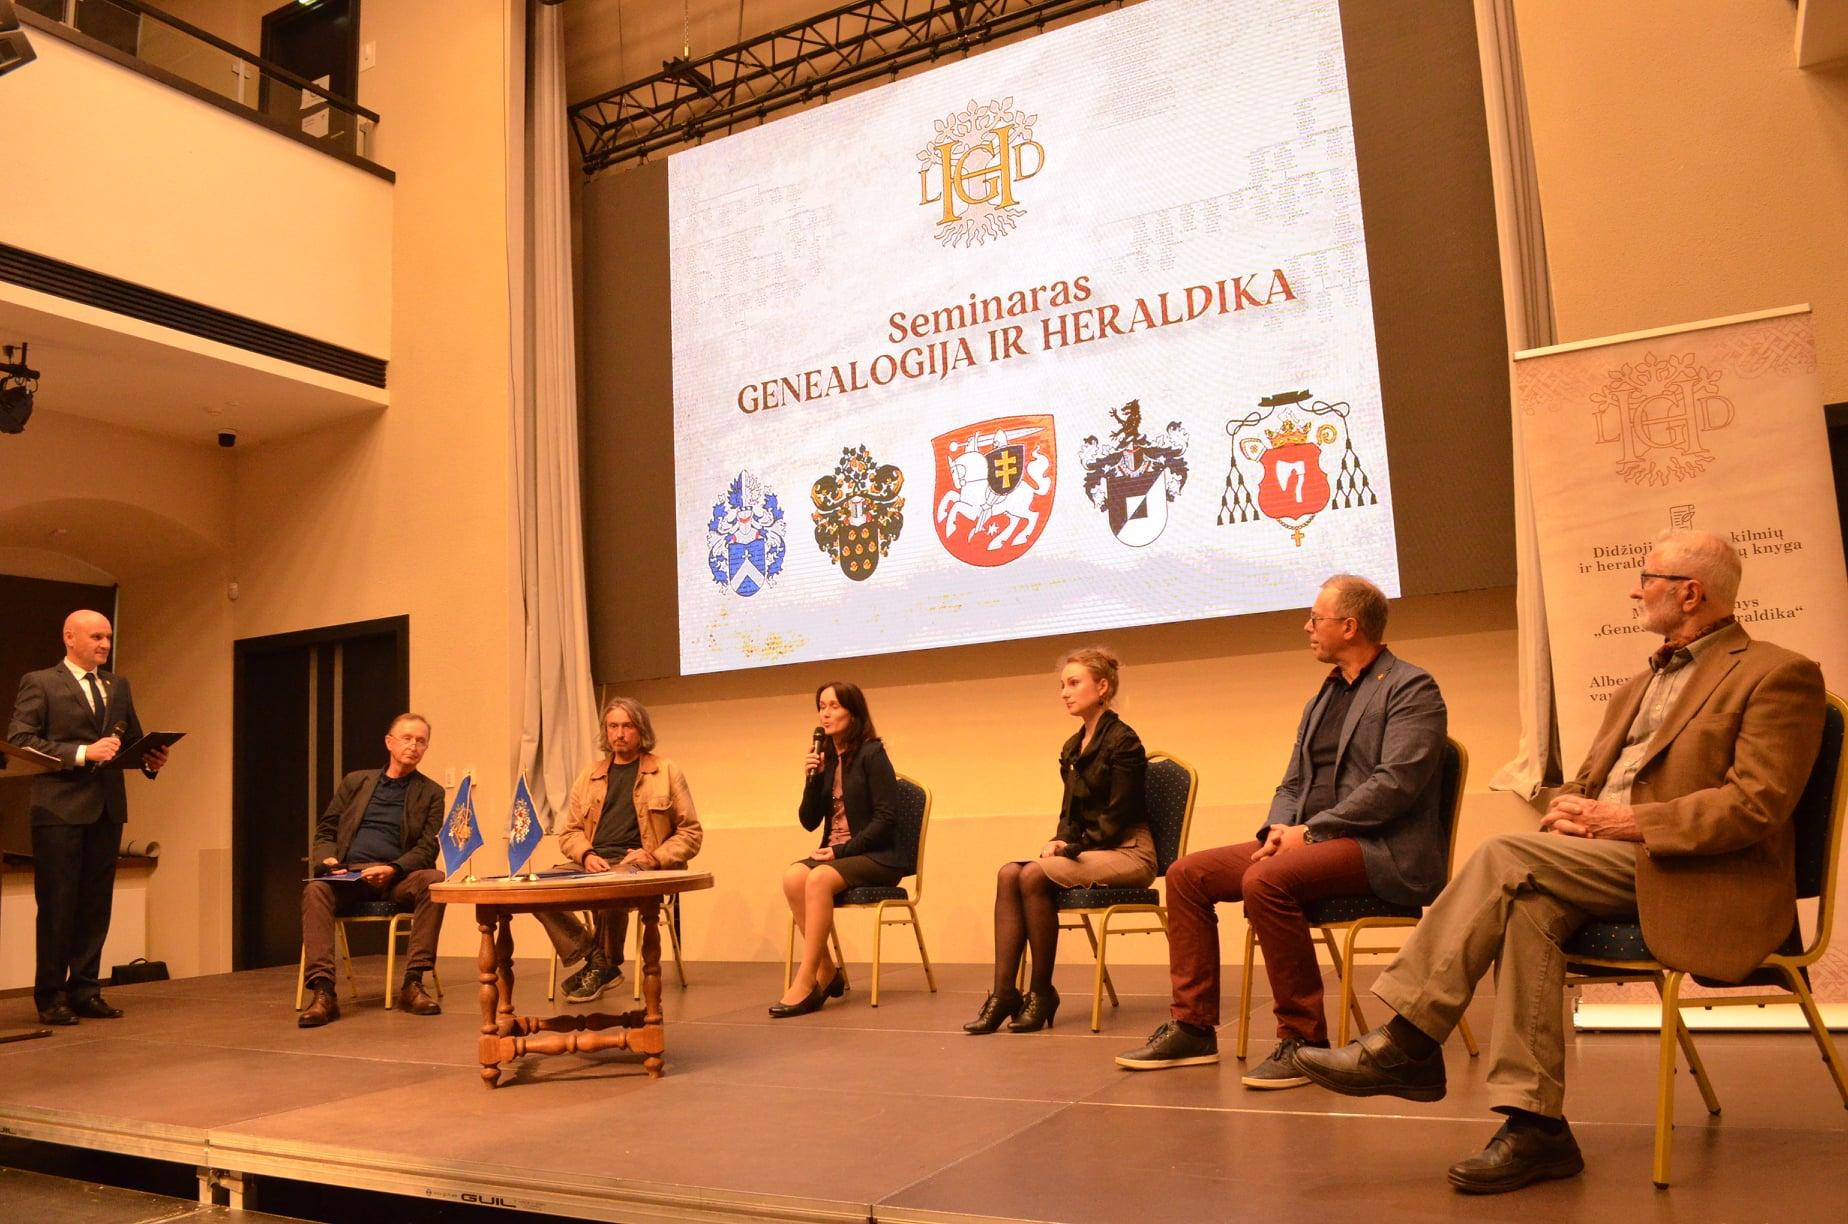 Genealogijos ir heraldikos mokymai | Lietuvos genealogijos ir heraldikos draugijos nuotr.